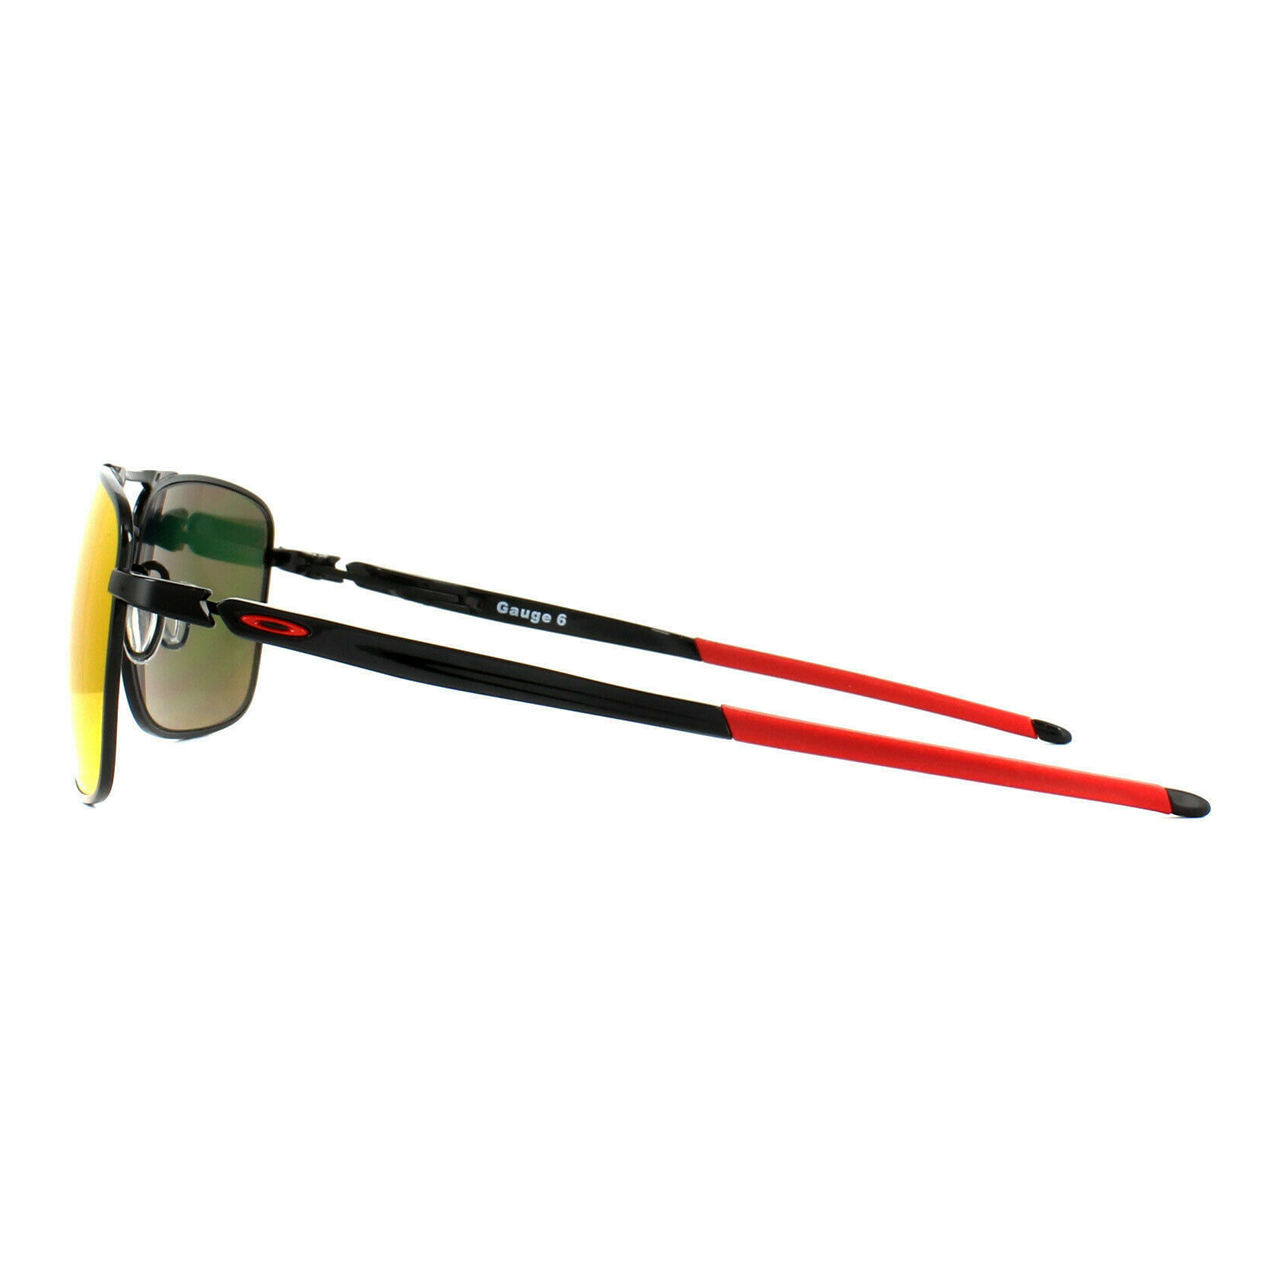 عینک آفتابی اوکلی مدل Gauge 6 کد OO6038-0457 -  - 4